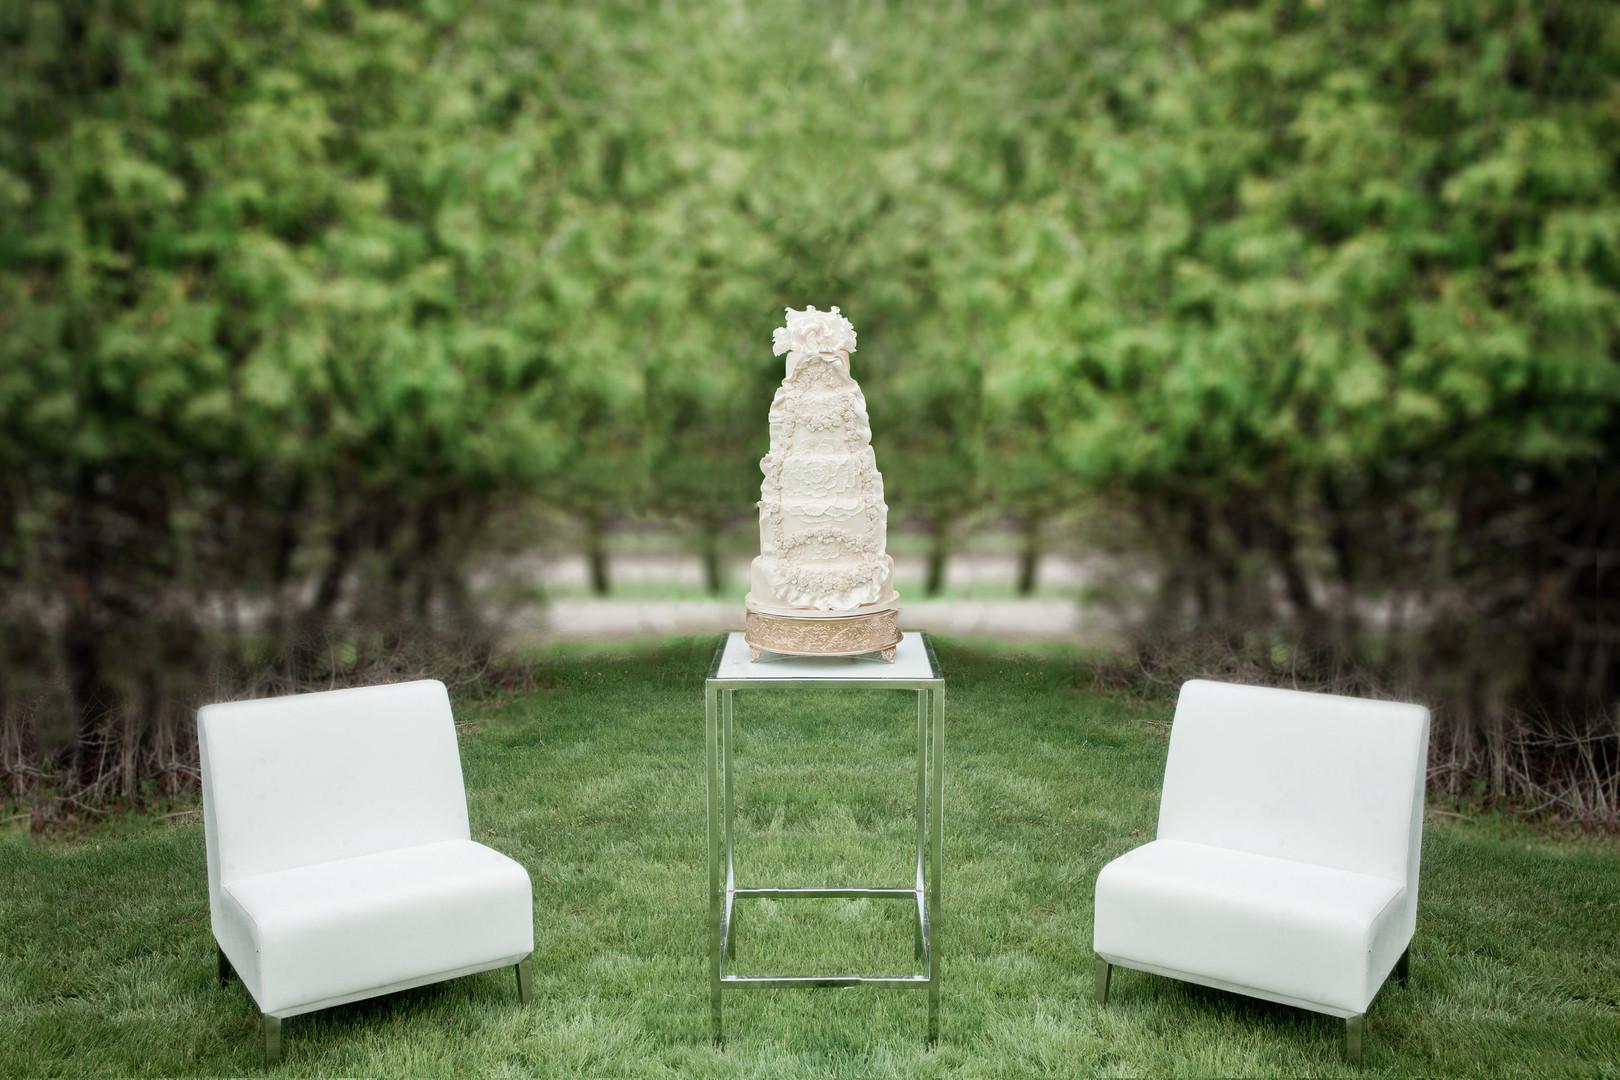 Tall white wedding cake